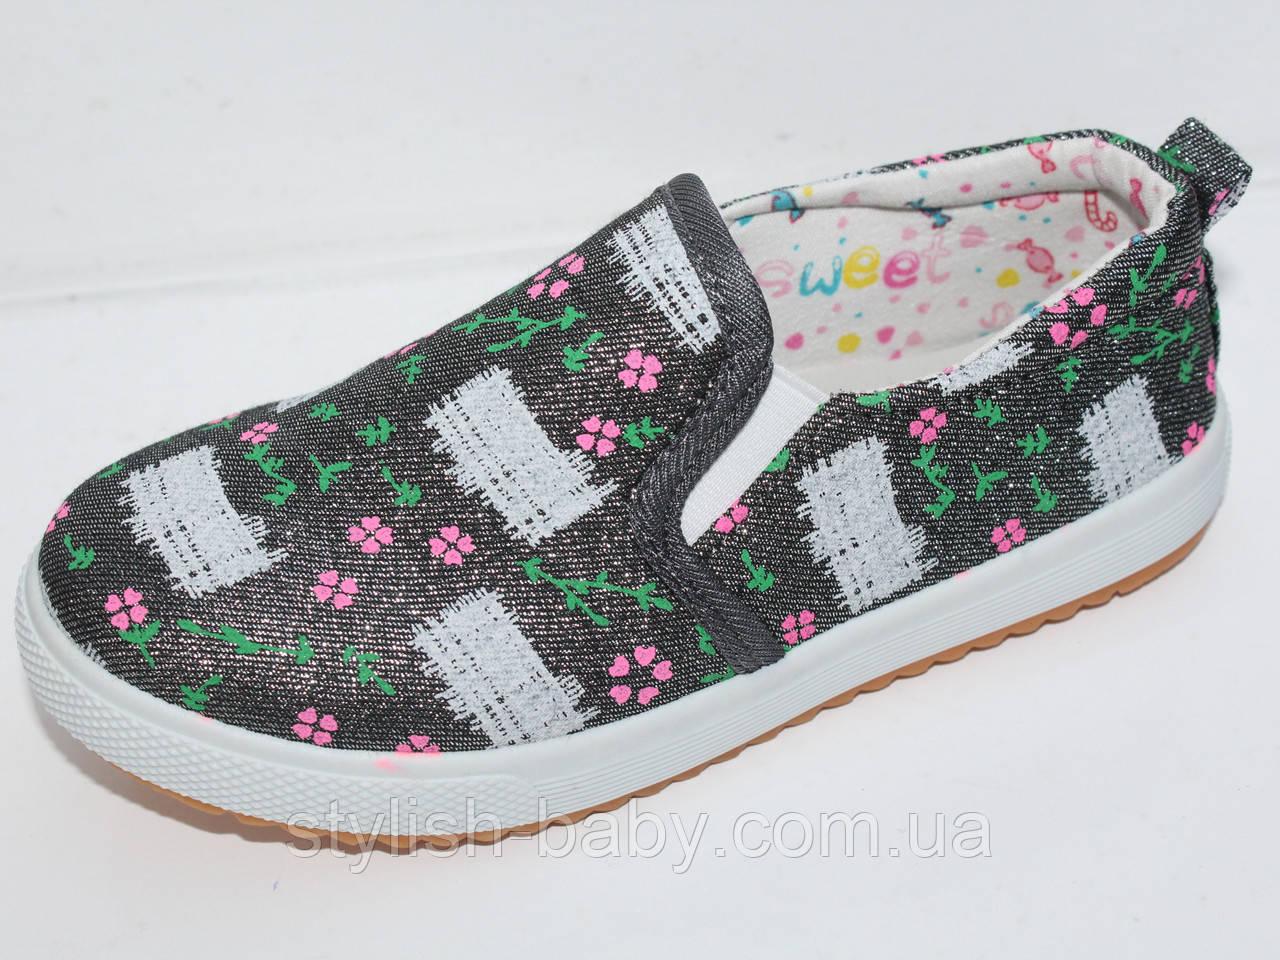 Детская спортивная обувь. Детские кеды бренда С.Луч для девочек (рр. с 33 по 38)